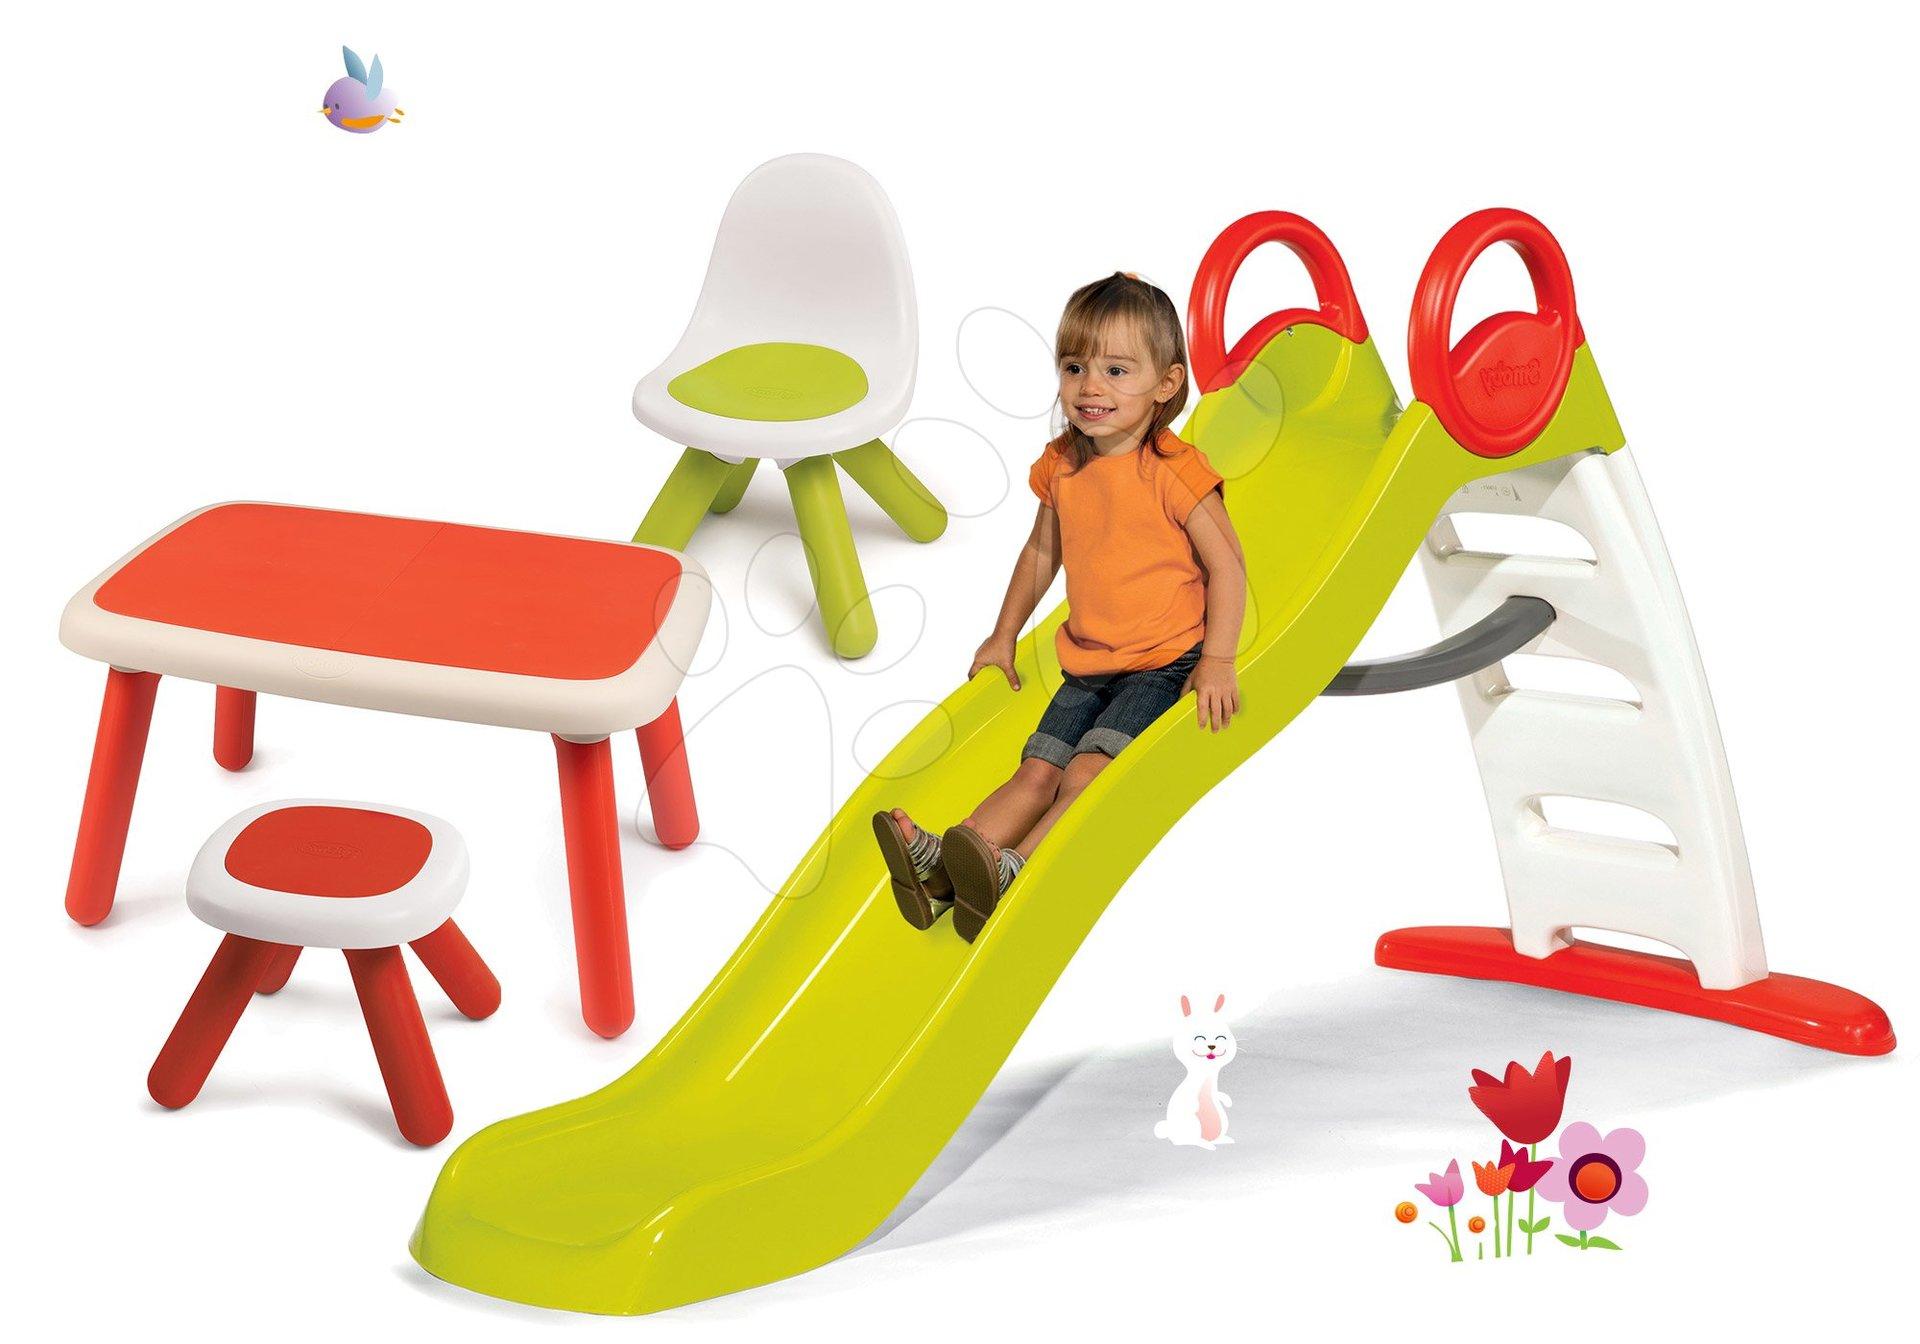 Set šmykľavka Toboggan Funny dĺžka 200 cm Smoby a stôl so stoličkou a stolčekom KidChair